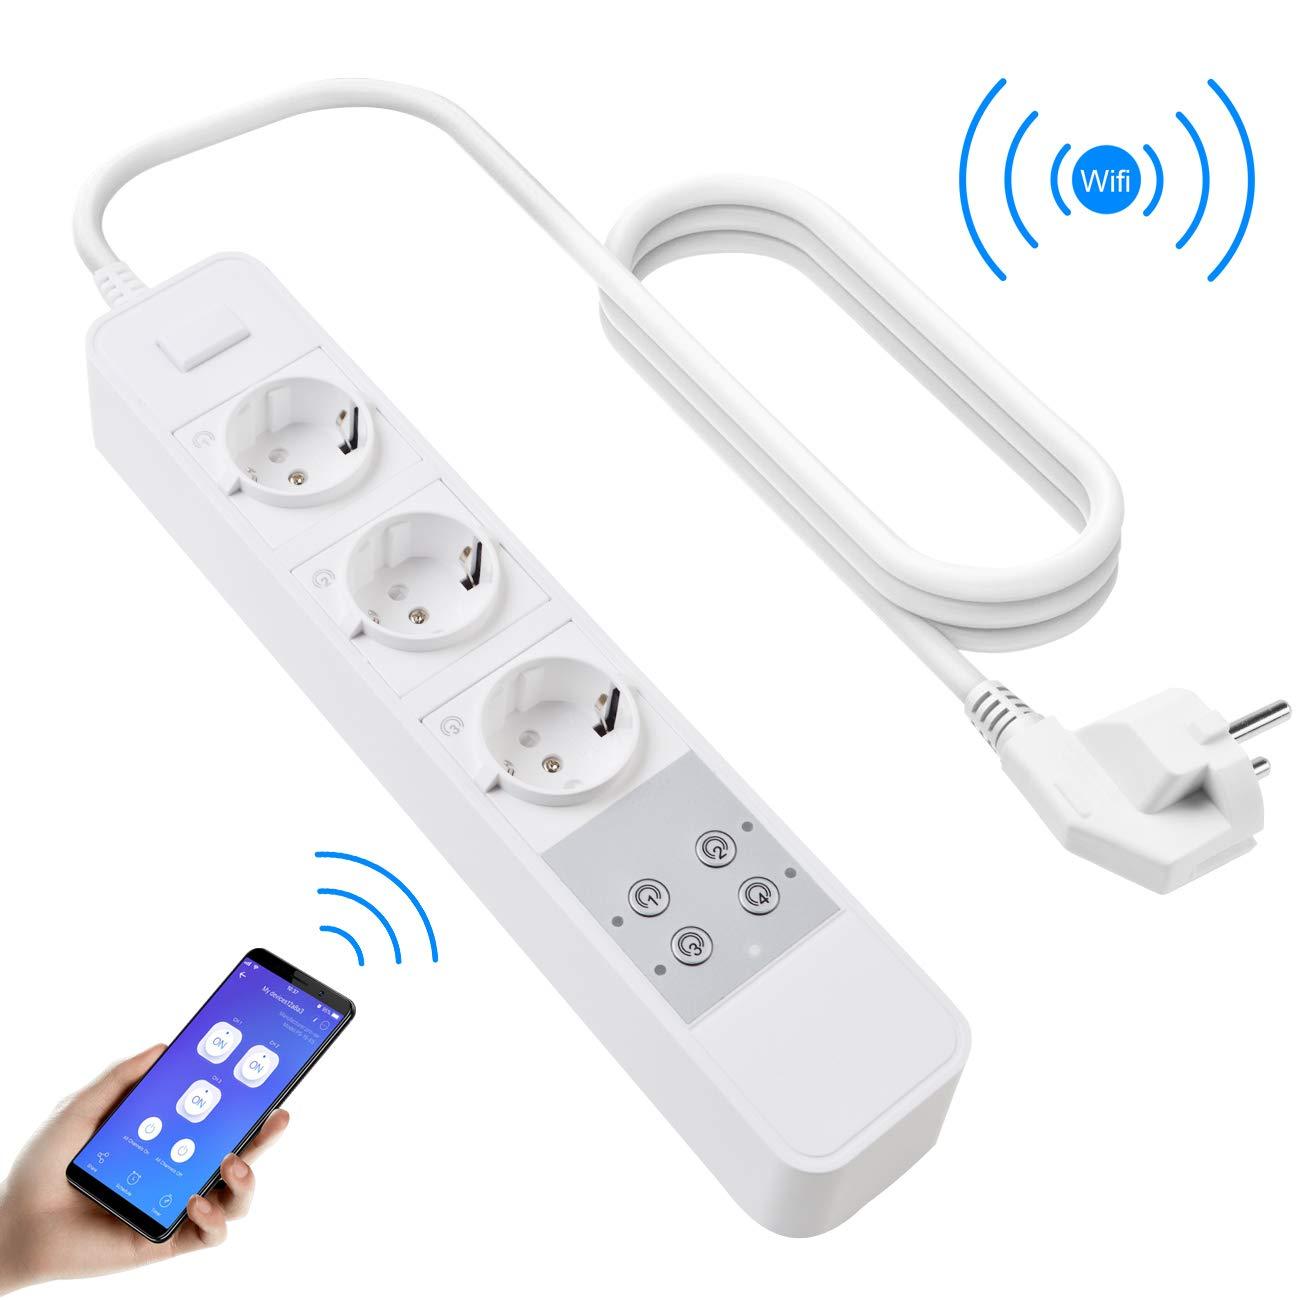 Docooler Sonoff S20 WiFi Commutateur de Prise de Courant WiFi APP sans Fil Prise de Sortie /à Distance Commutateur de synchronisation pour Smart Home Work avec Alexa